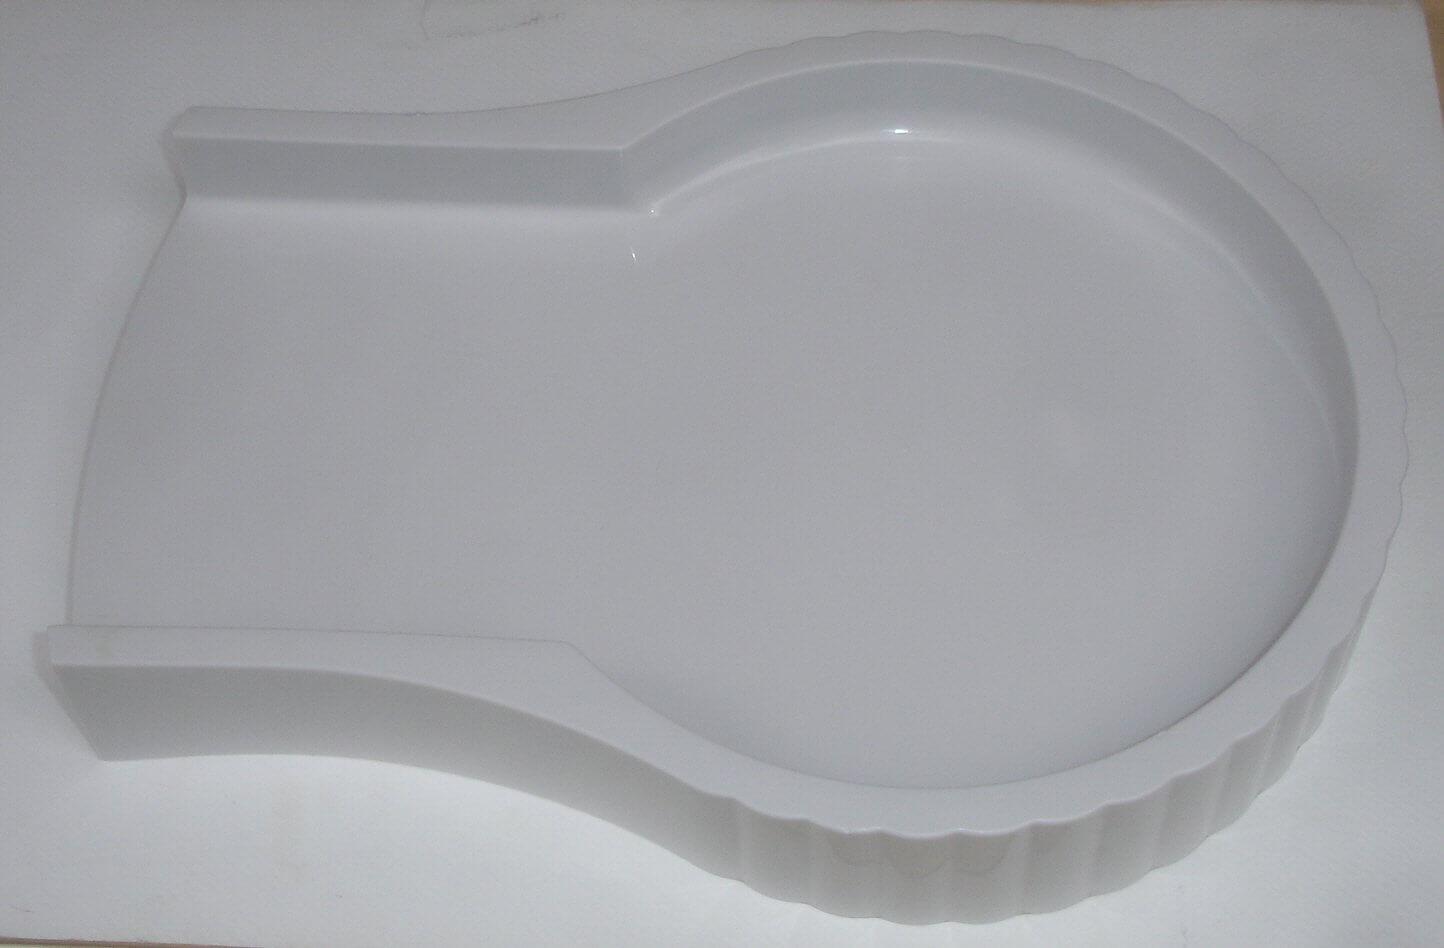 Juicer Overflow Platform Base Tray